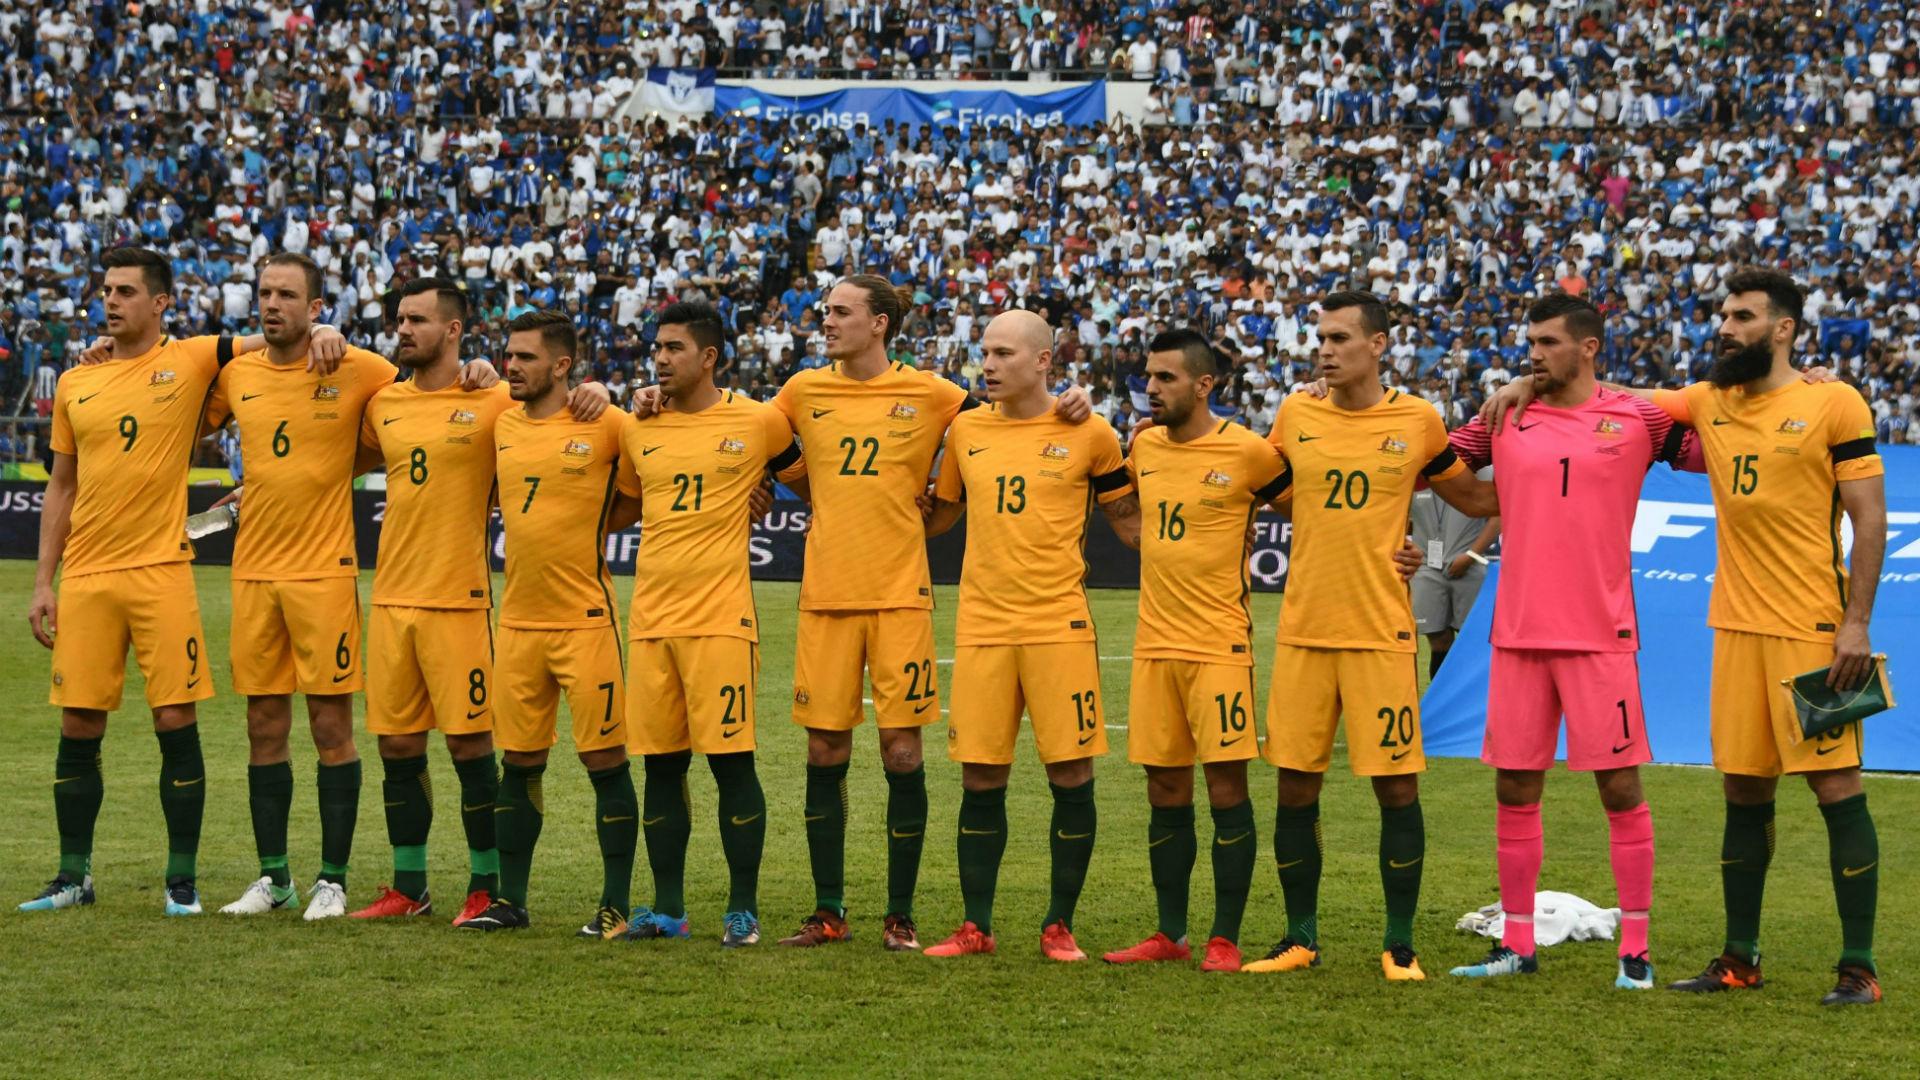 Drohnen-Spionage? Honduras beschuldigt Australien vor Playoff-Rückspiel